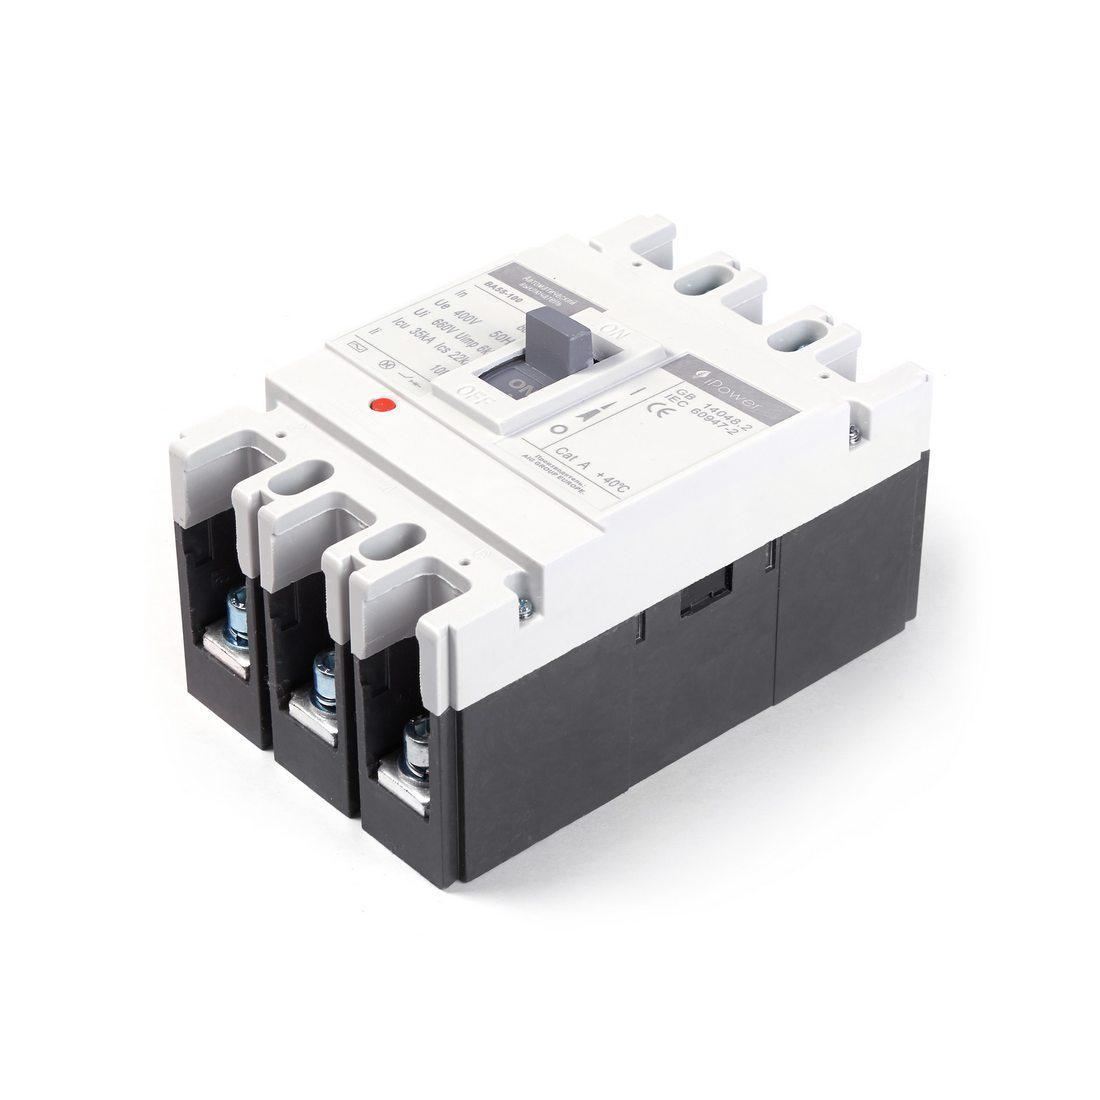 Автоматический выключатель установочный iPower ВА55-100 3P 80А, 380/660 В, Кол-во полюсов: 3, Предел отключени